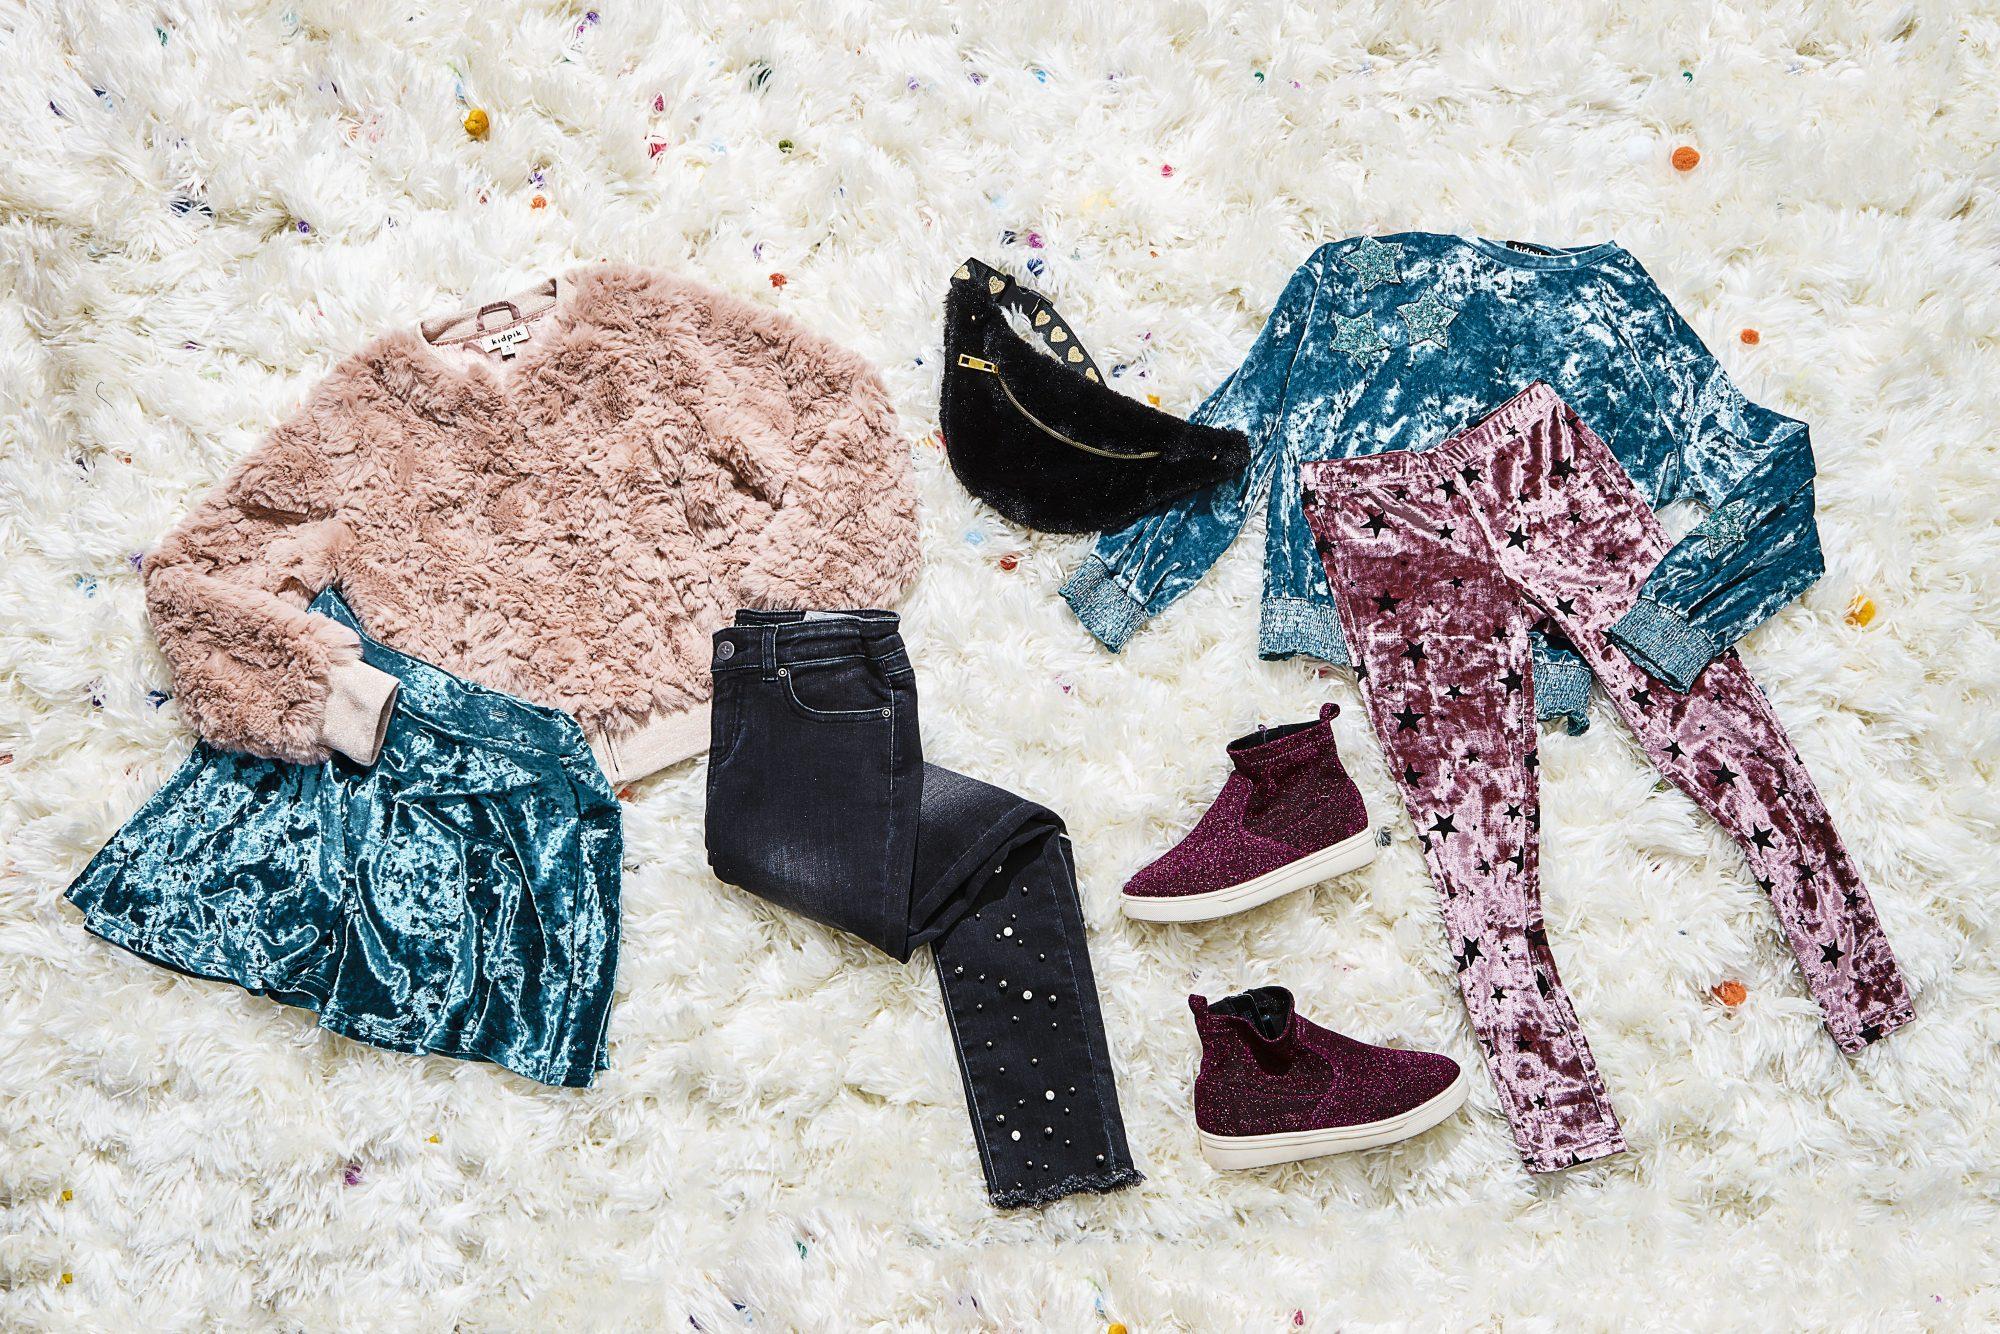 dresses-with-sneakers_kidpik-manu.jpg